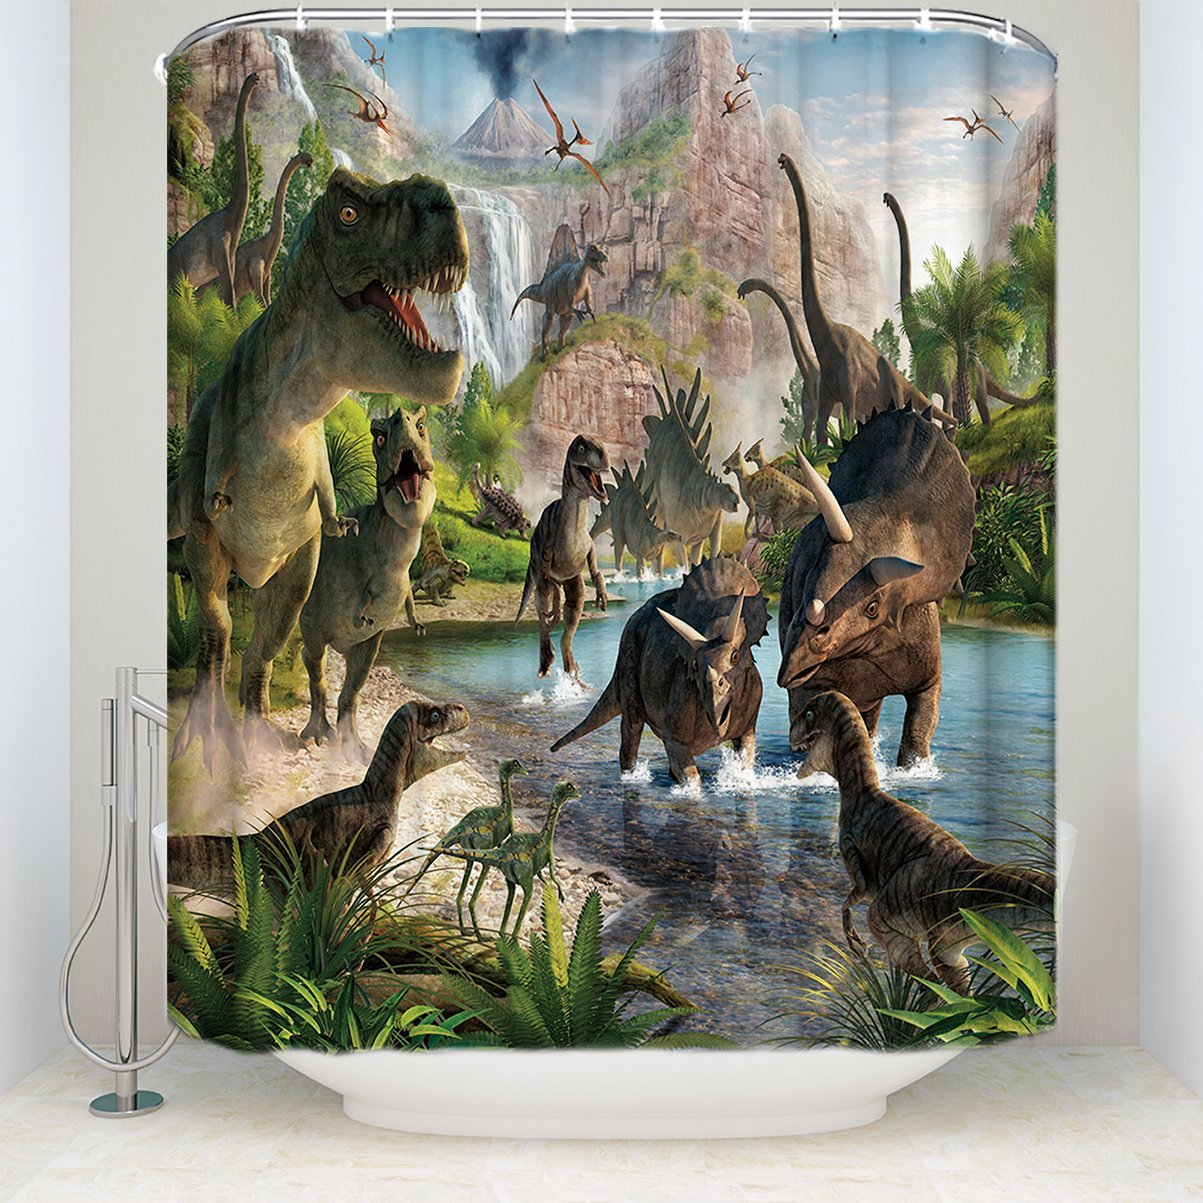 WARMTOUR занавеска для душа 3D Древний Динозавр мир Водонепроницаемая Ванная комната